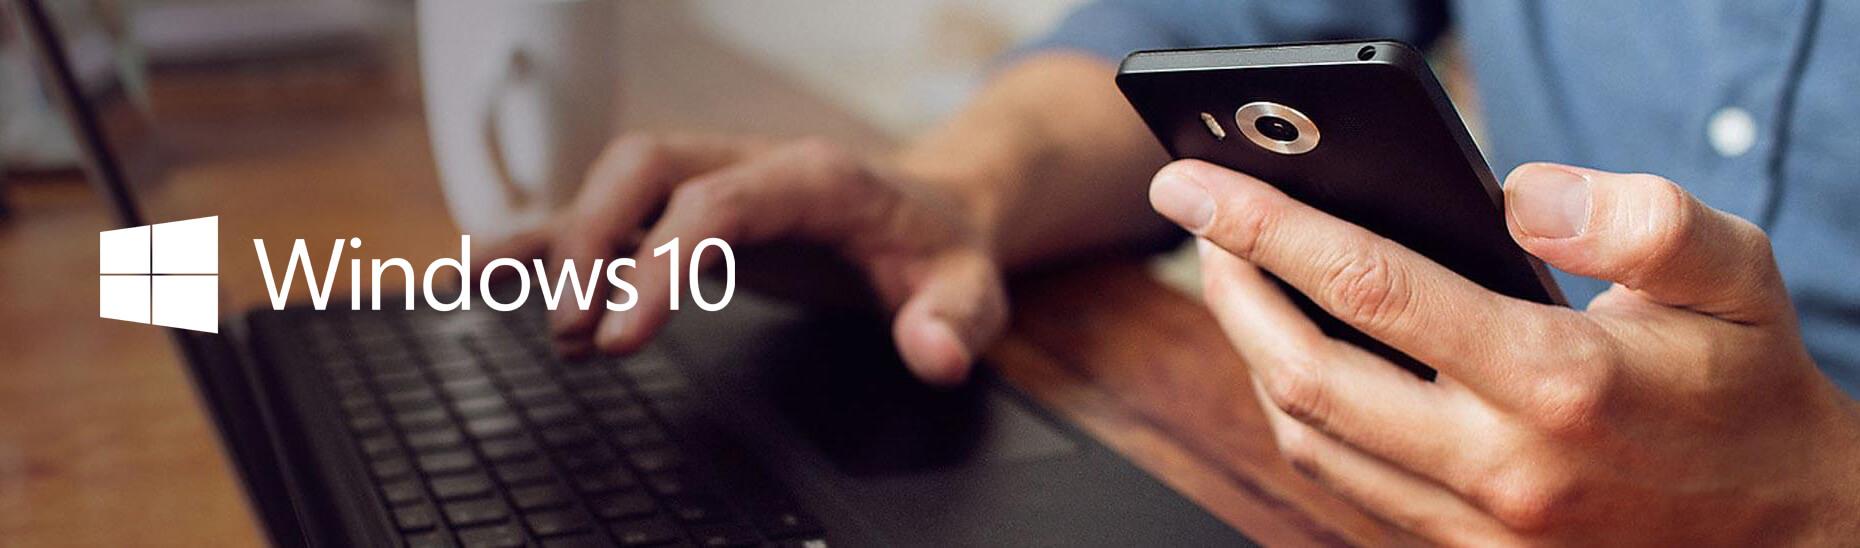 Windows 10: met één druk op de knop bij al je bestanden